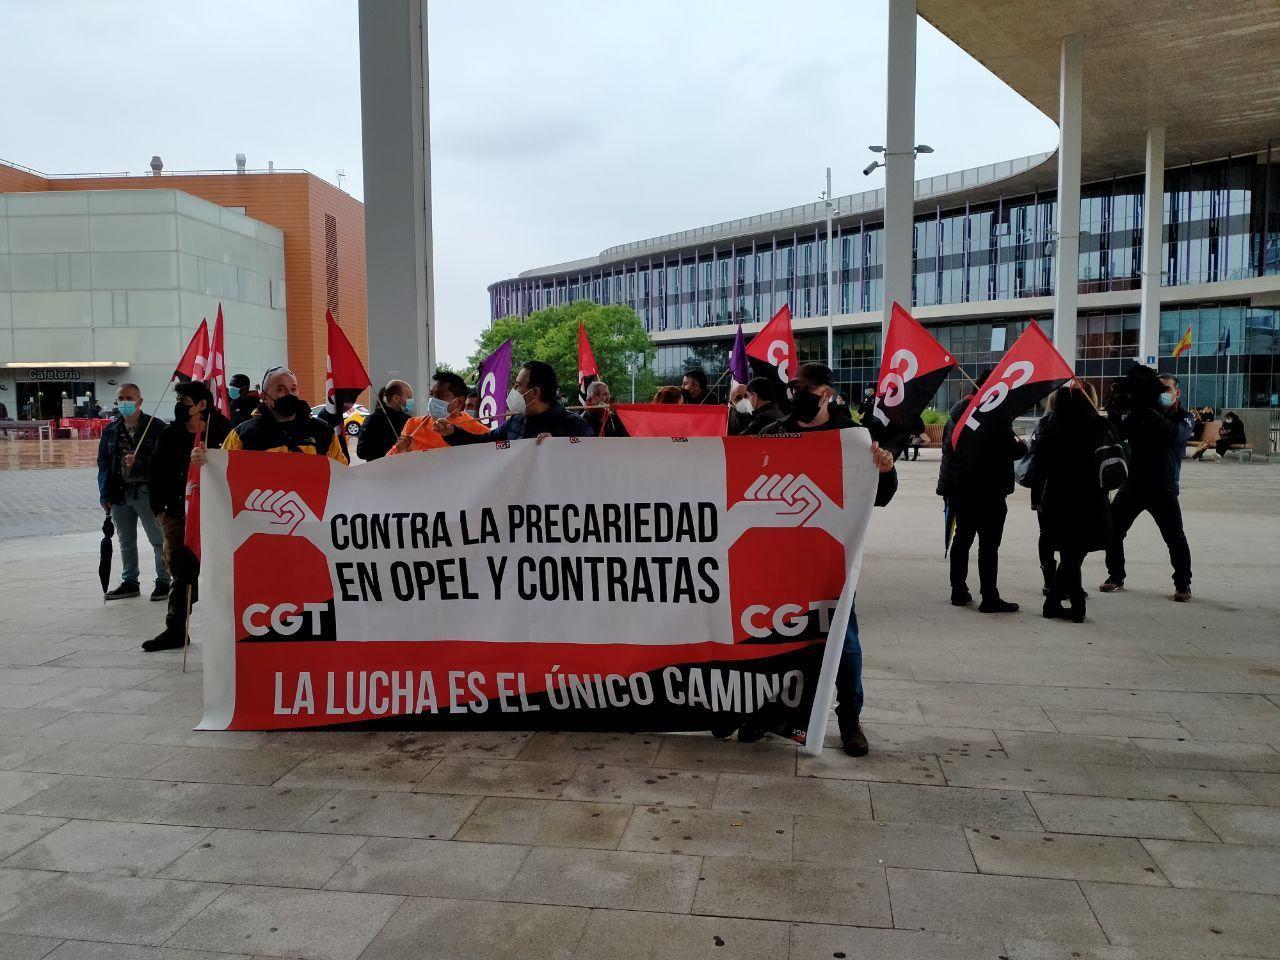 Nueva suspensión del juicio contra Sesé por pagar mal a cientos de trabajadores y trabajadoras